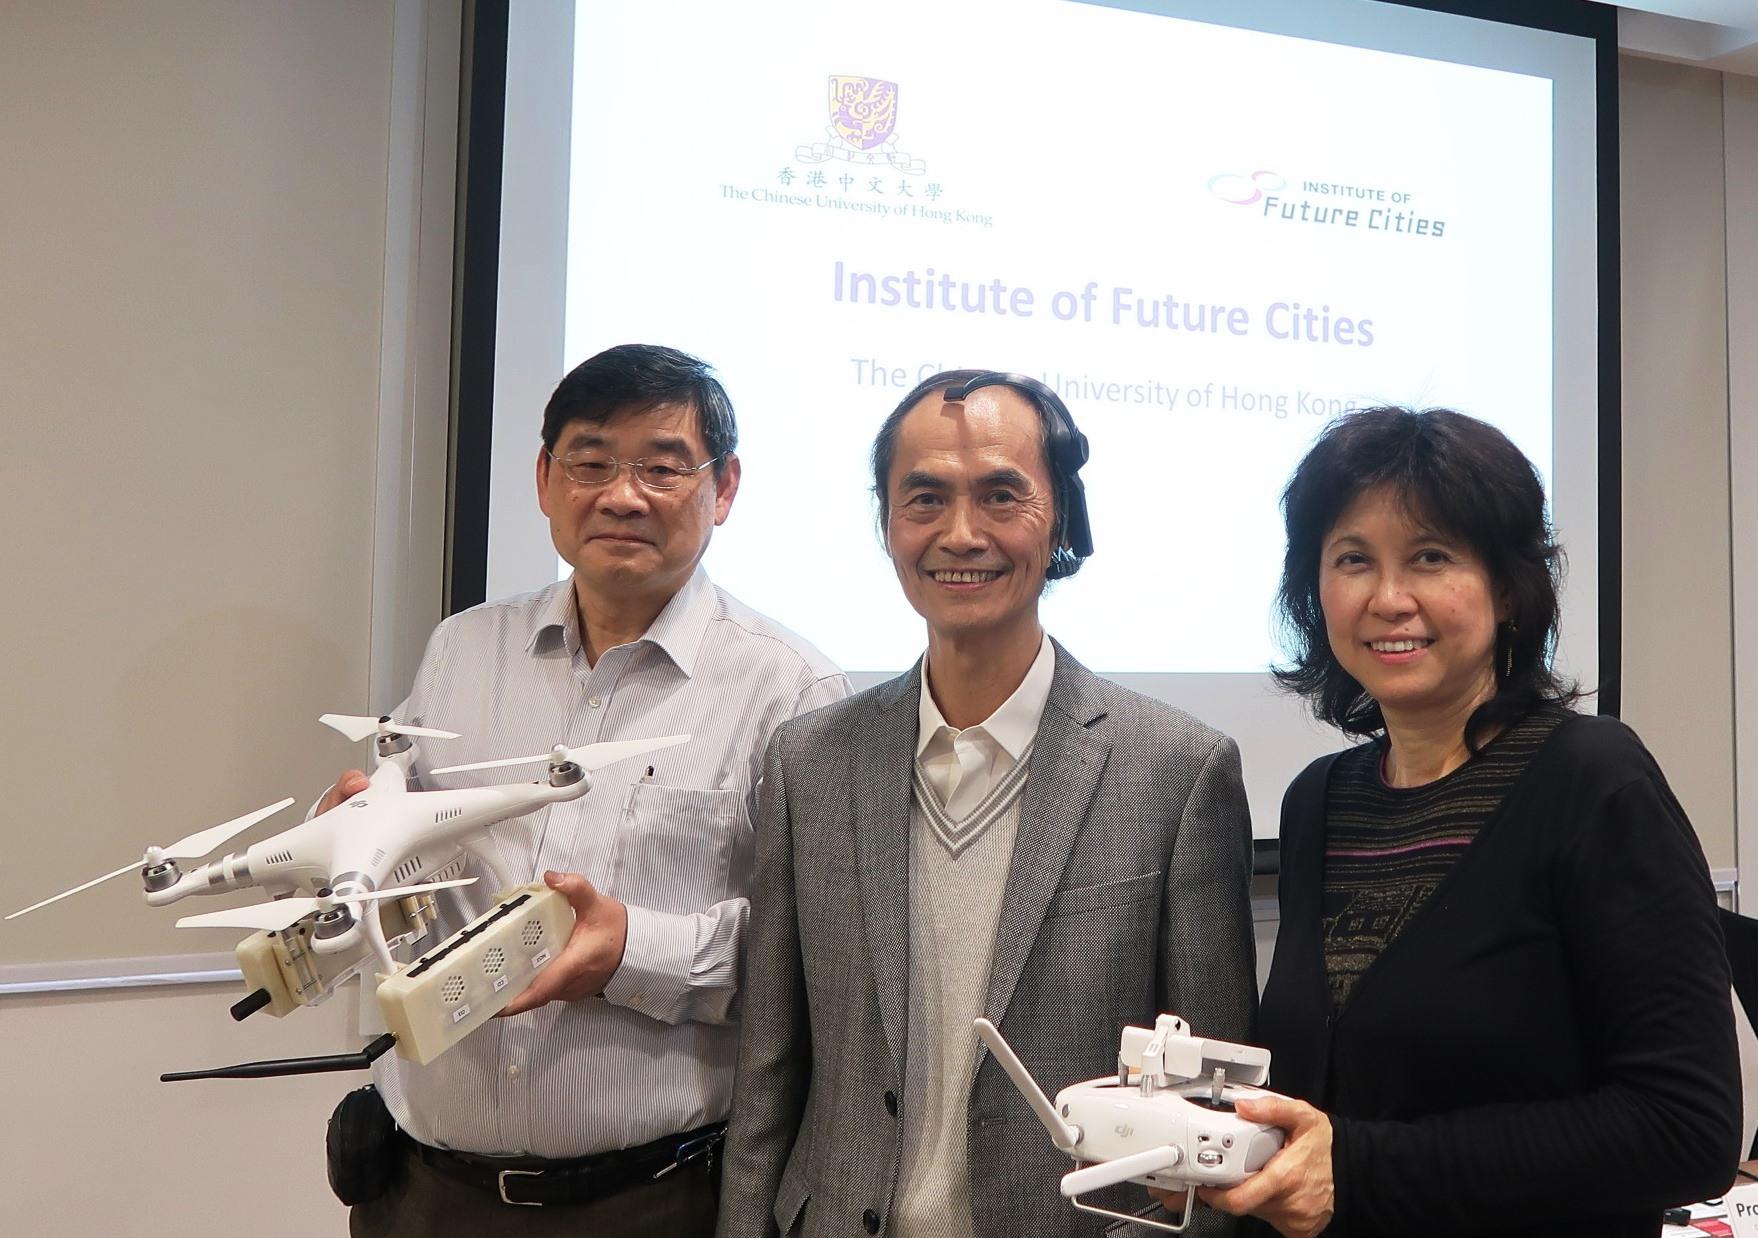 香港中文大學未來城市研究所所長梁怡教授(中)、副所長梁廣錫教授(左)及伍美琴教授(右)